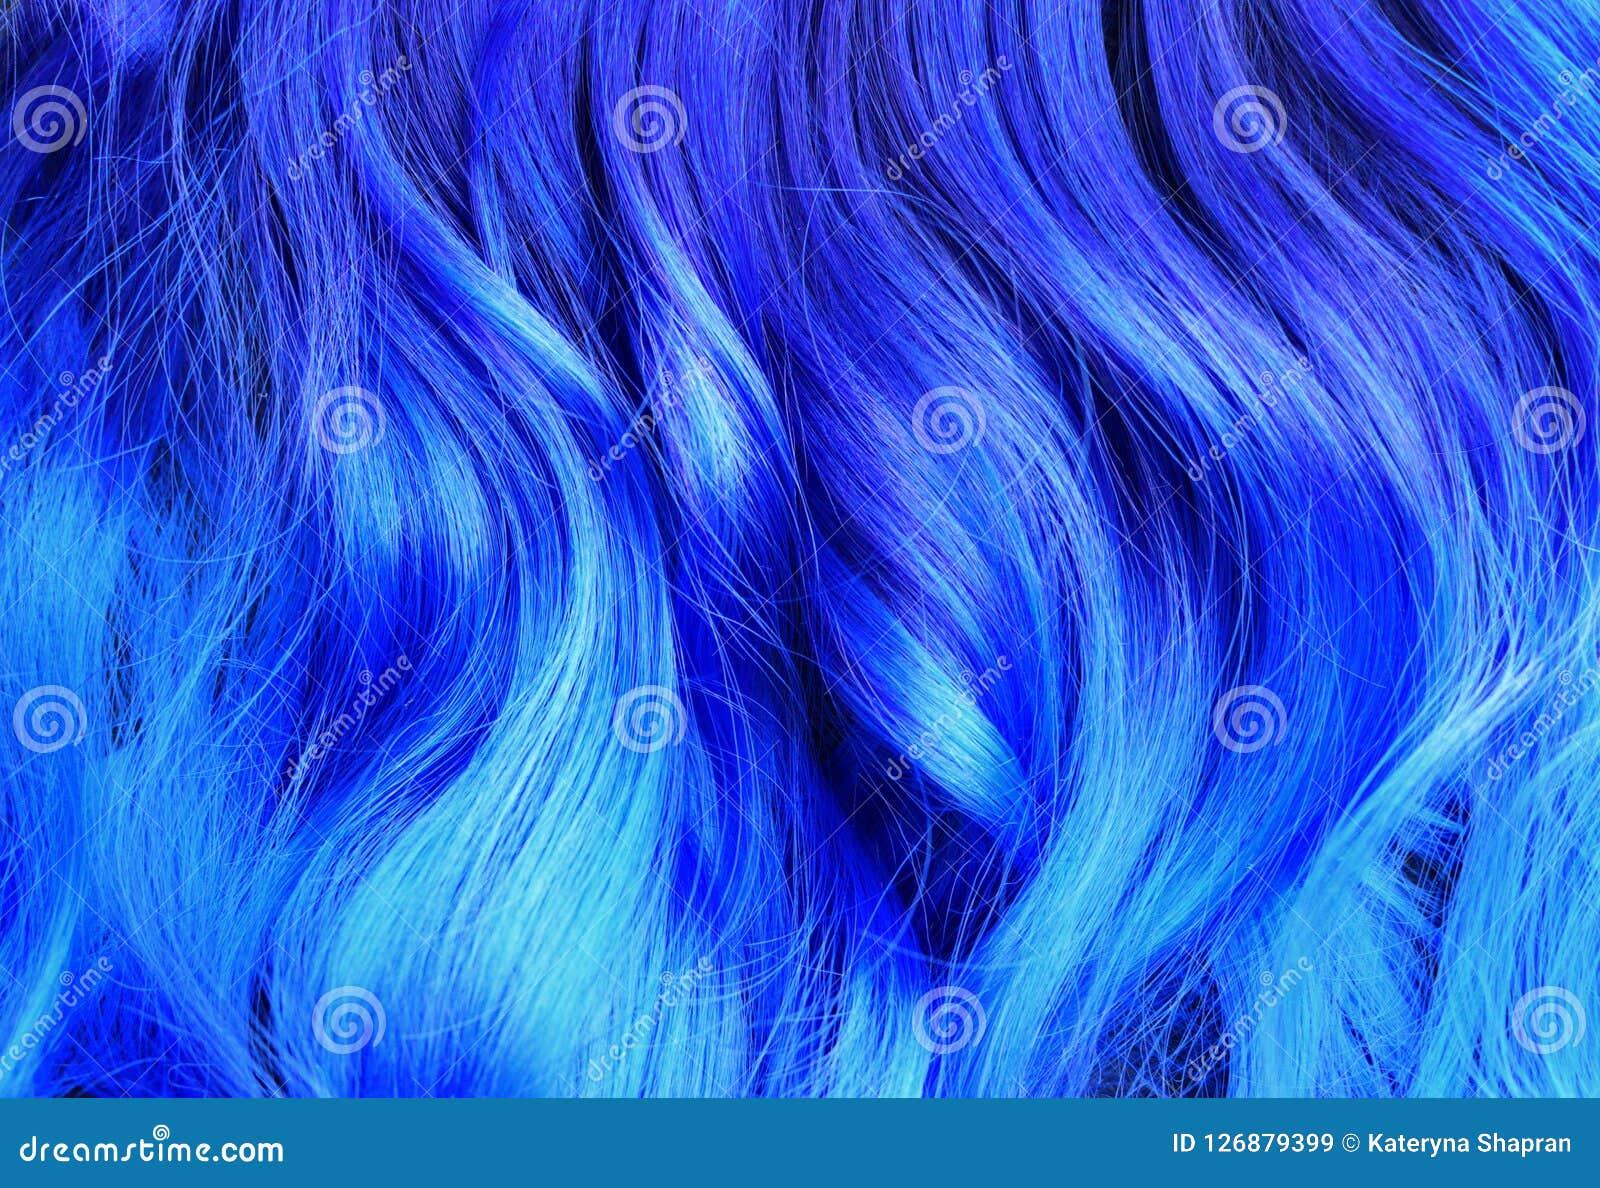 Look - Blue Aqua hair highlights video